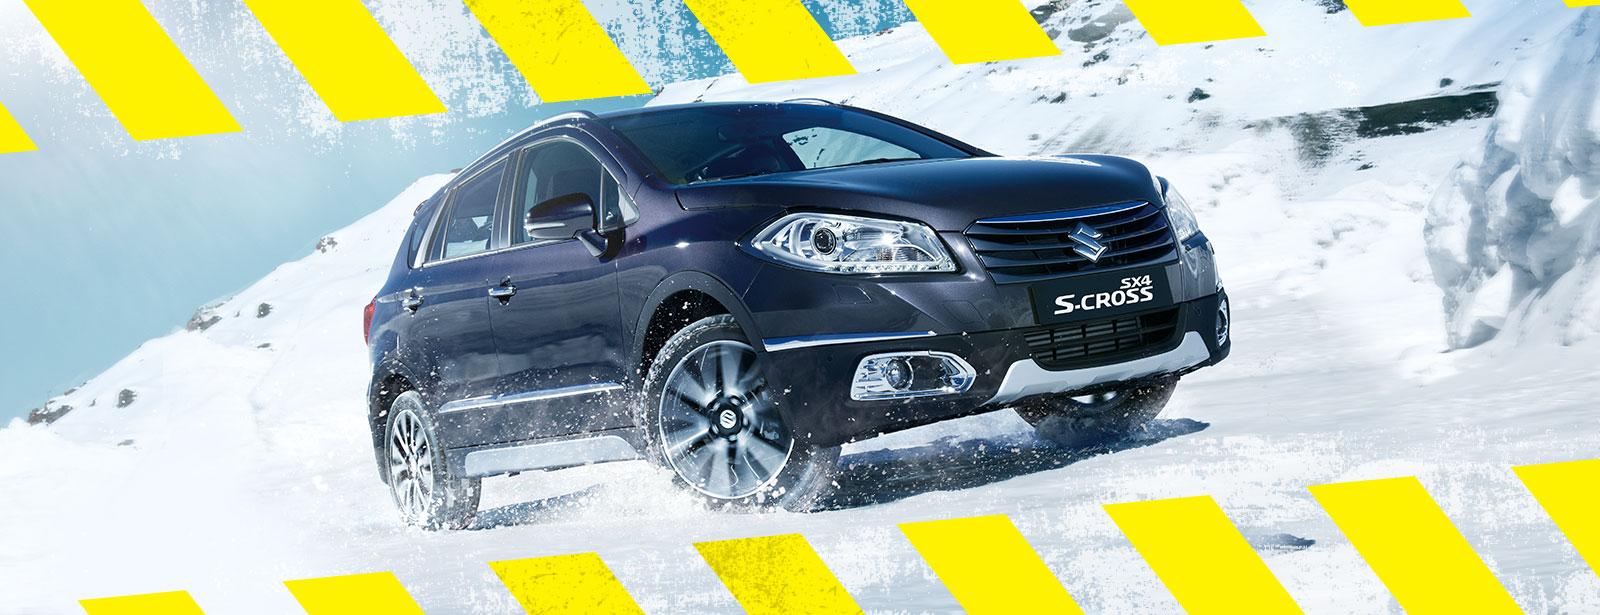 Akcja serwisowa Suzuki przed zimą